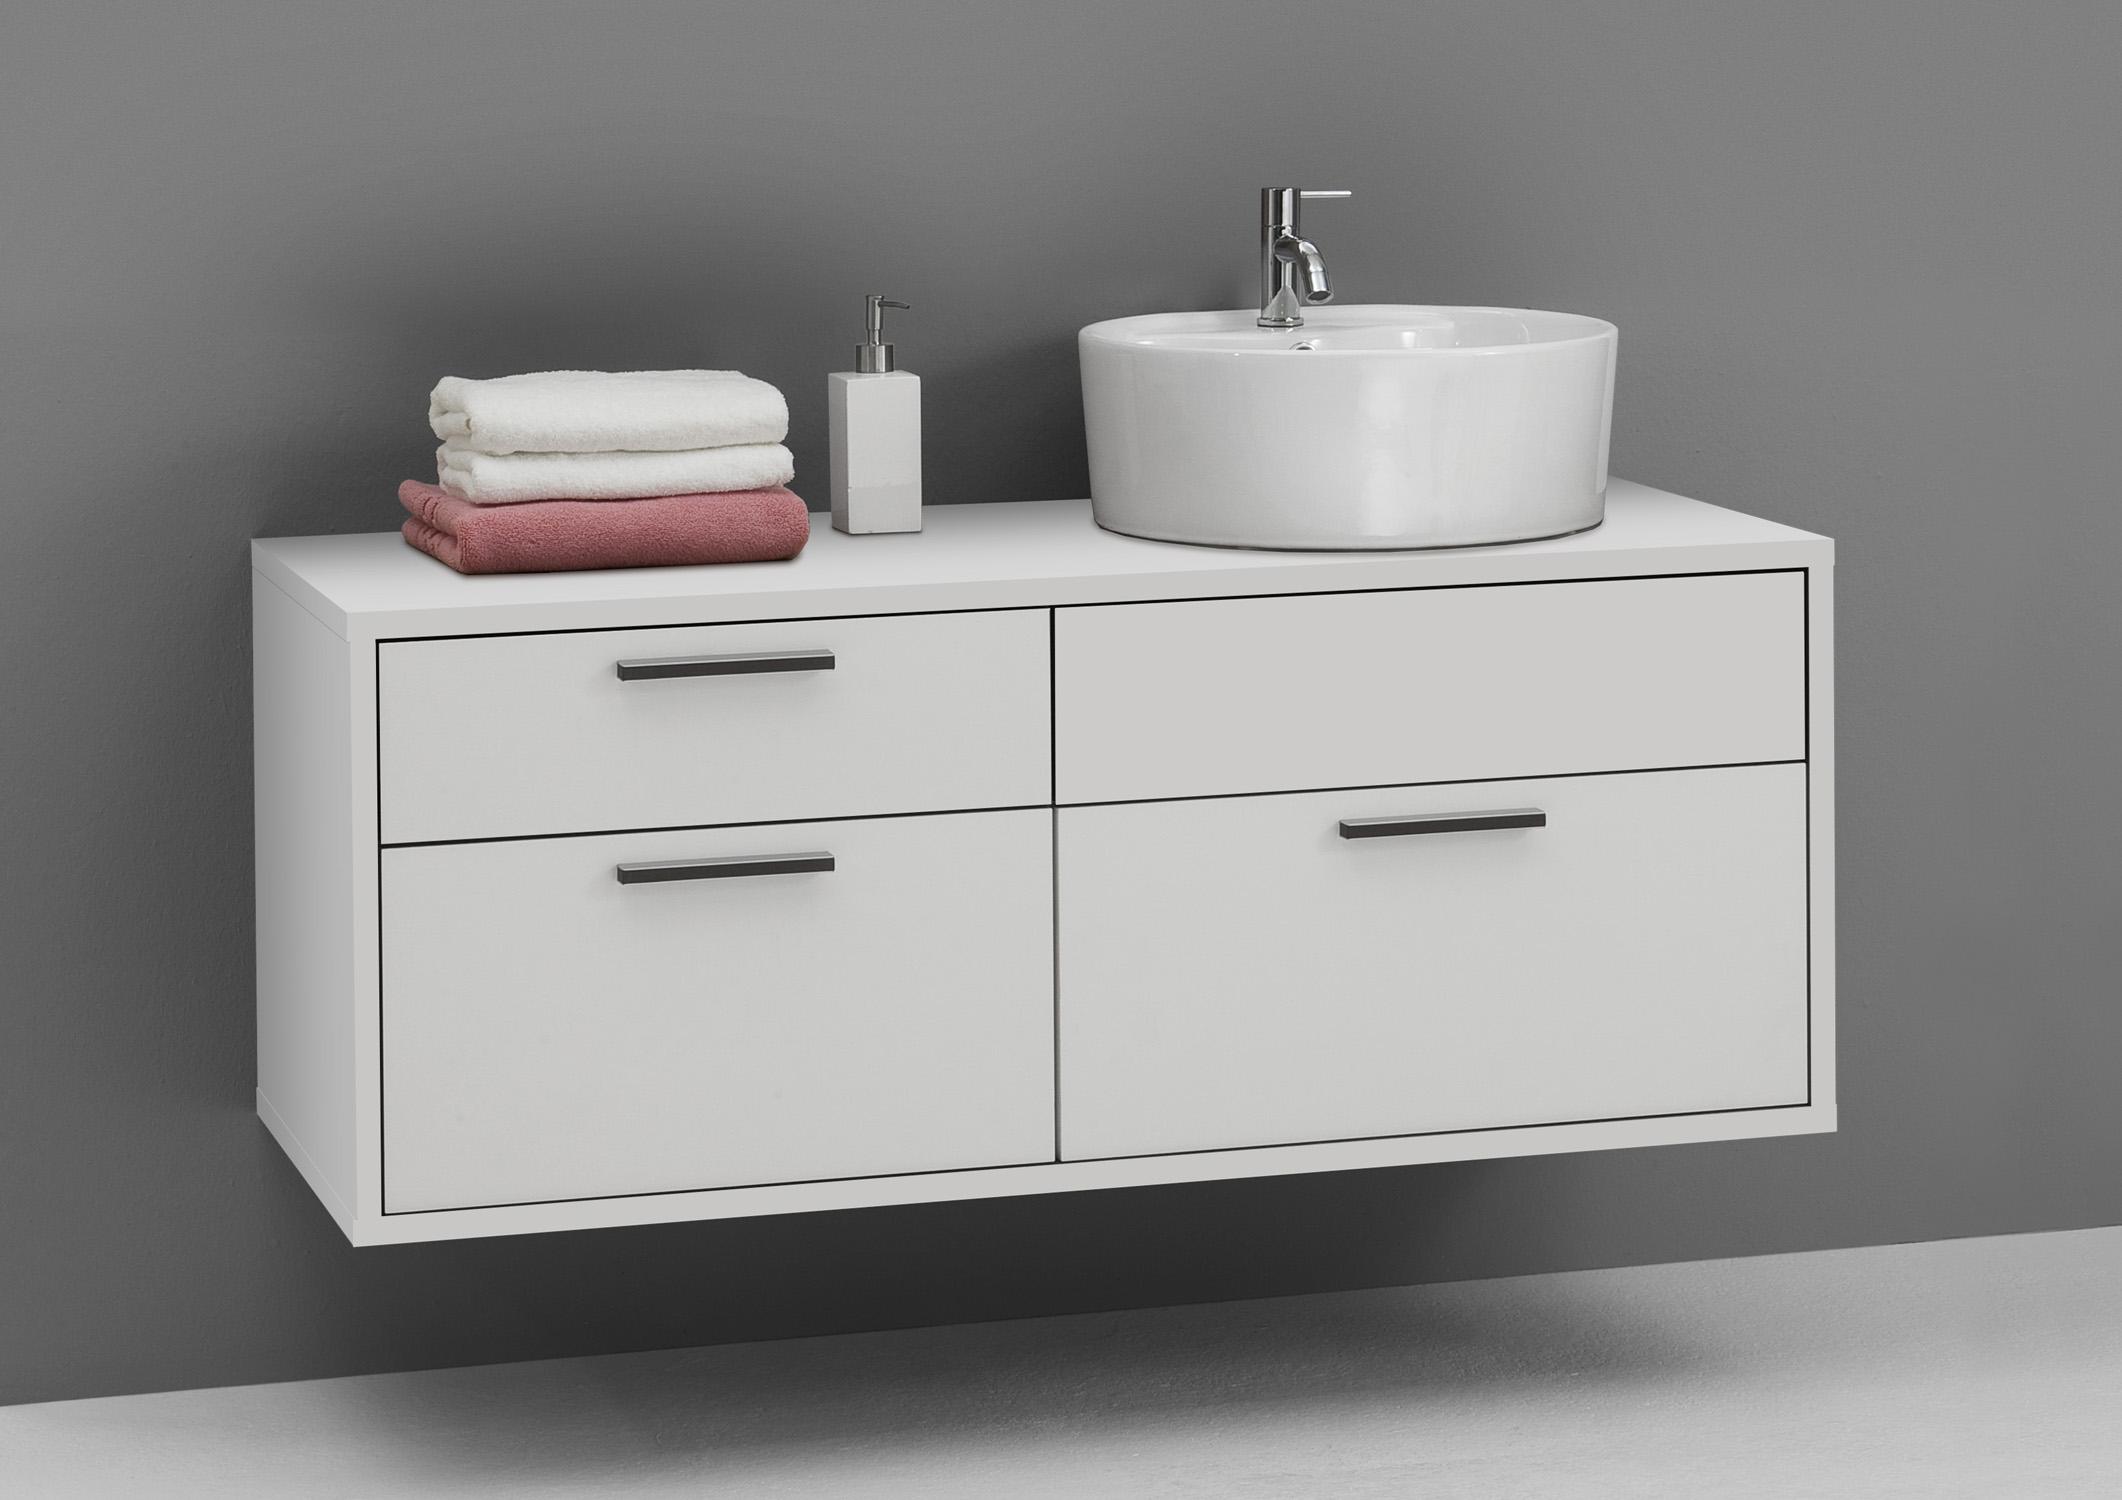 waschtisch waschbeckenunterschrank badschrank h ngeschrank badm bel schrank wei ebay. Black Bedroom Furniture Sets. Home Design Ideas